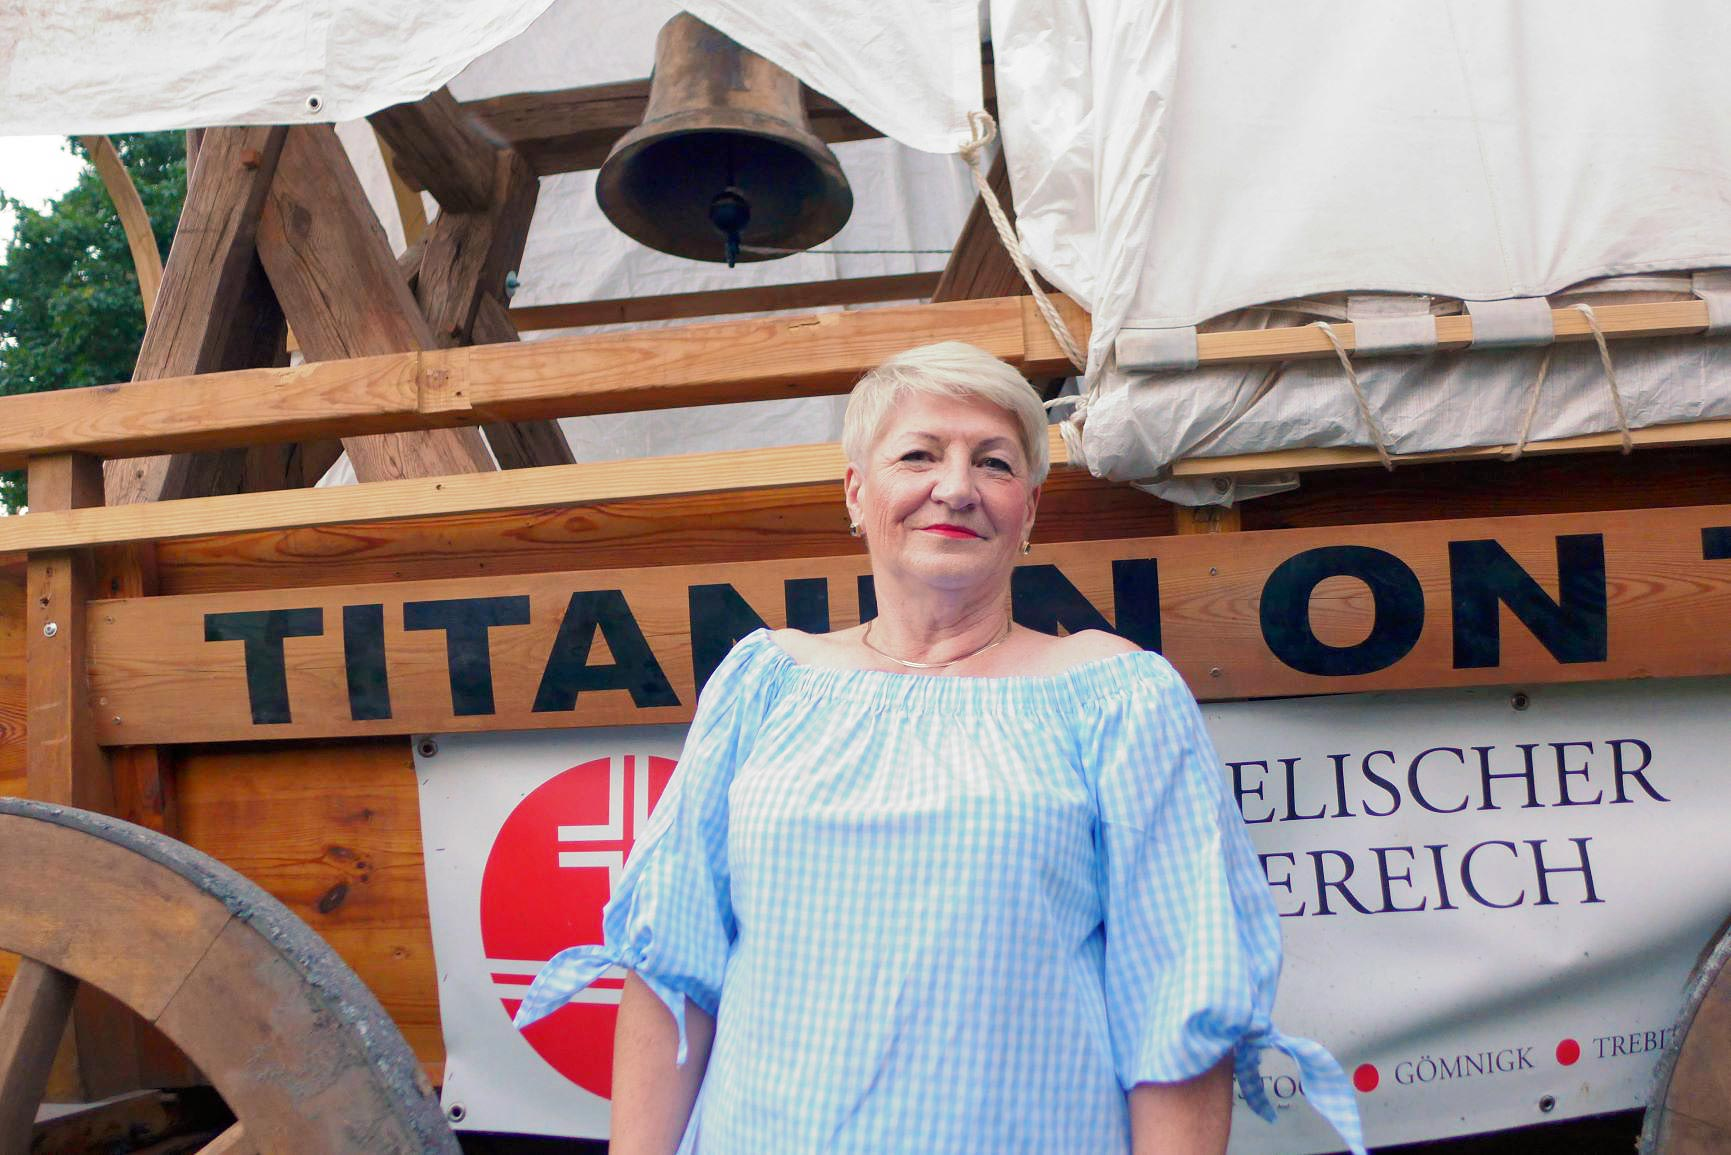 Bronislawa Mazurek Bürgermeisterin vom Haus am See - Titanen on tour 2018